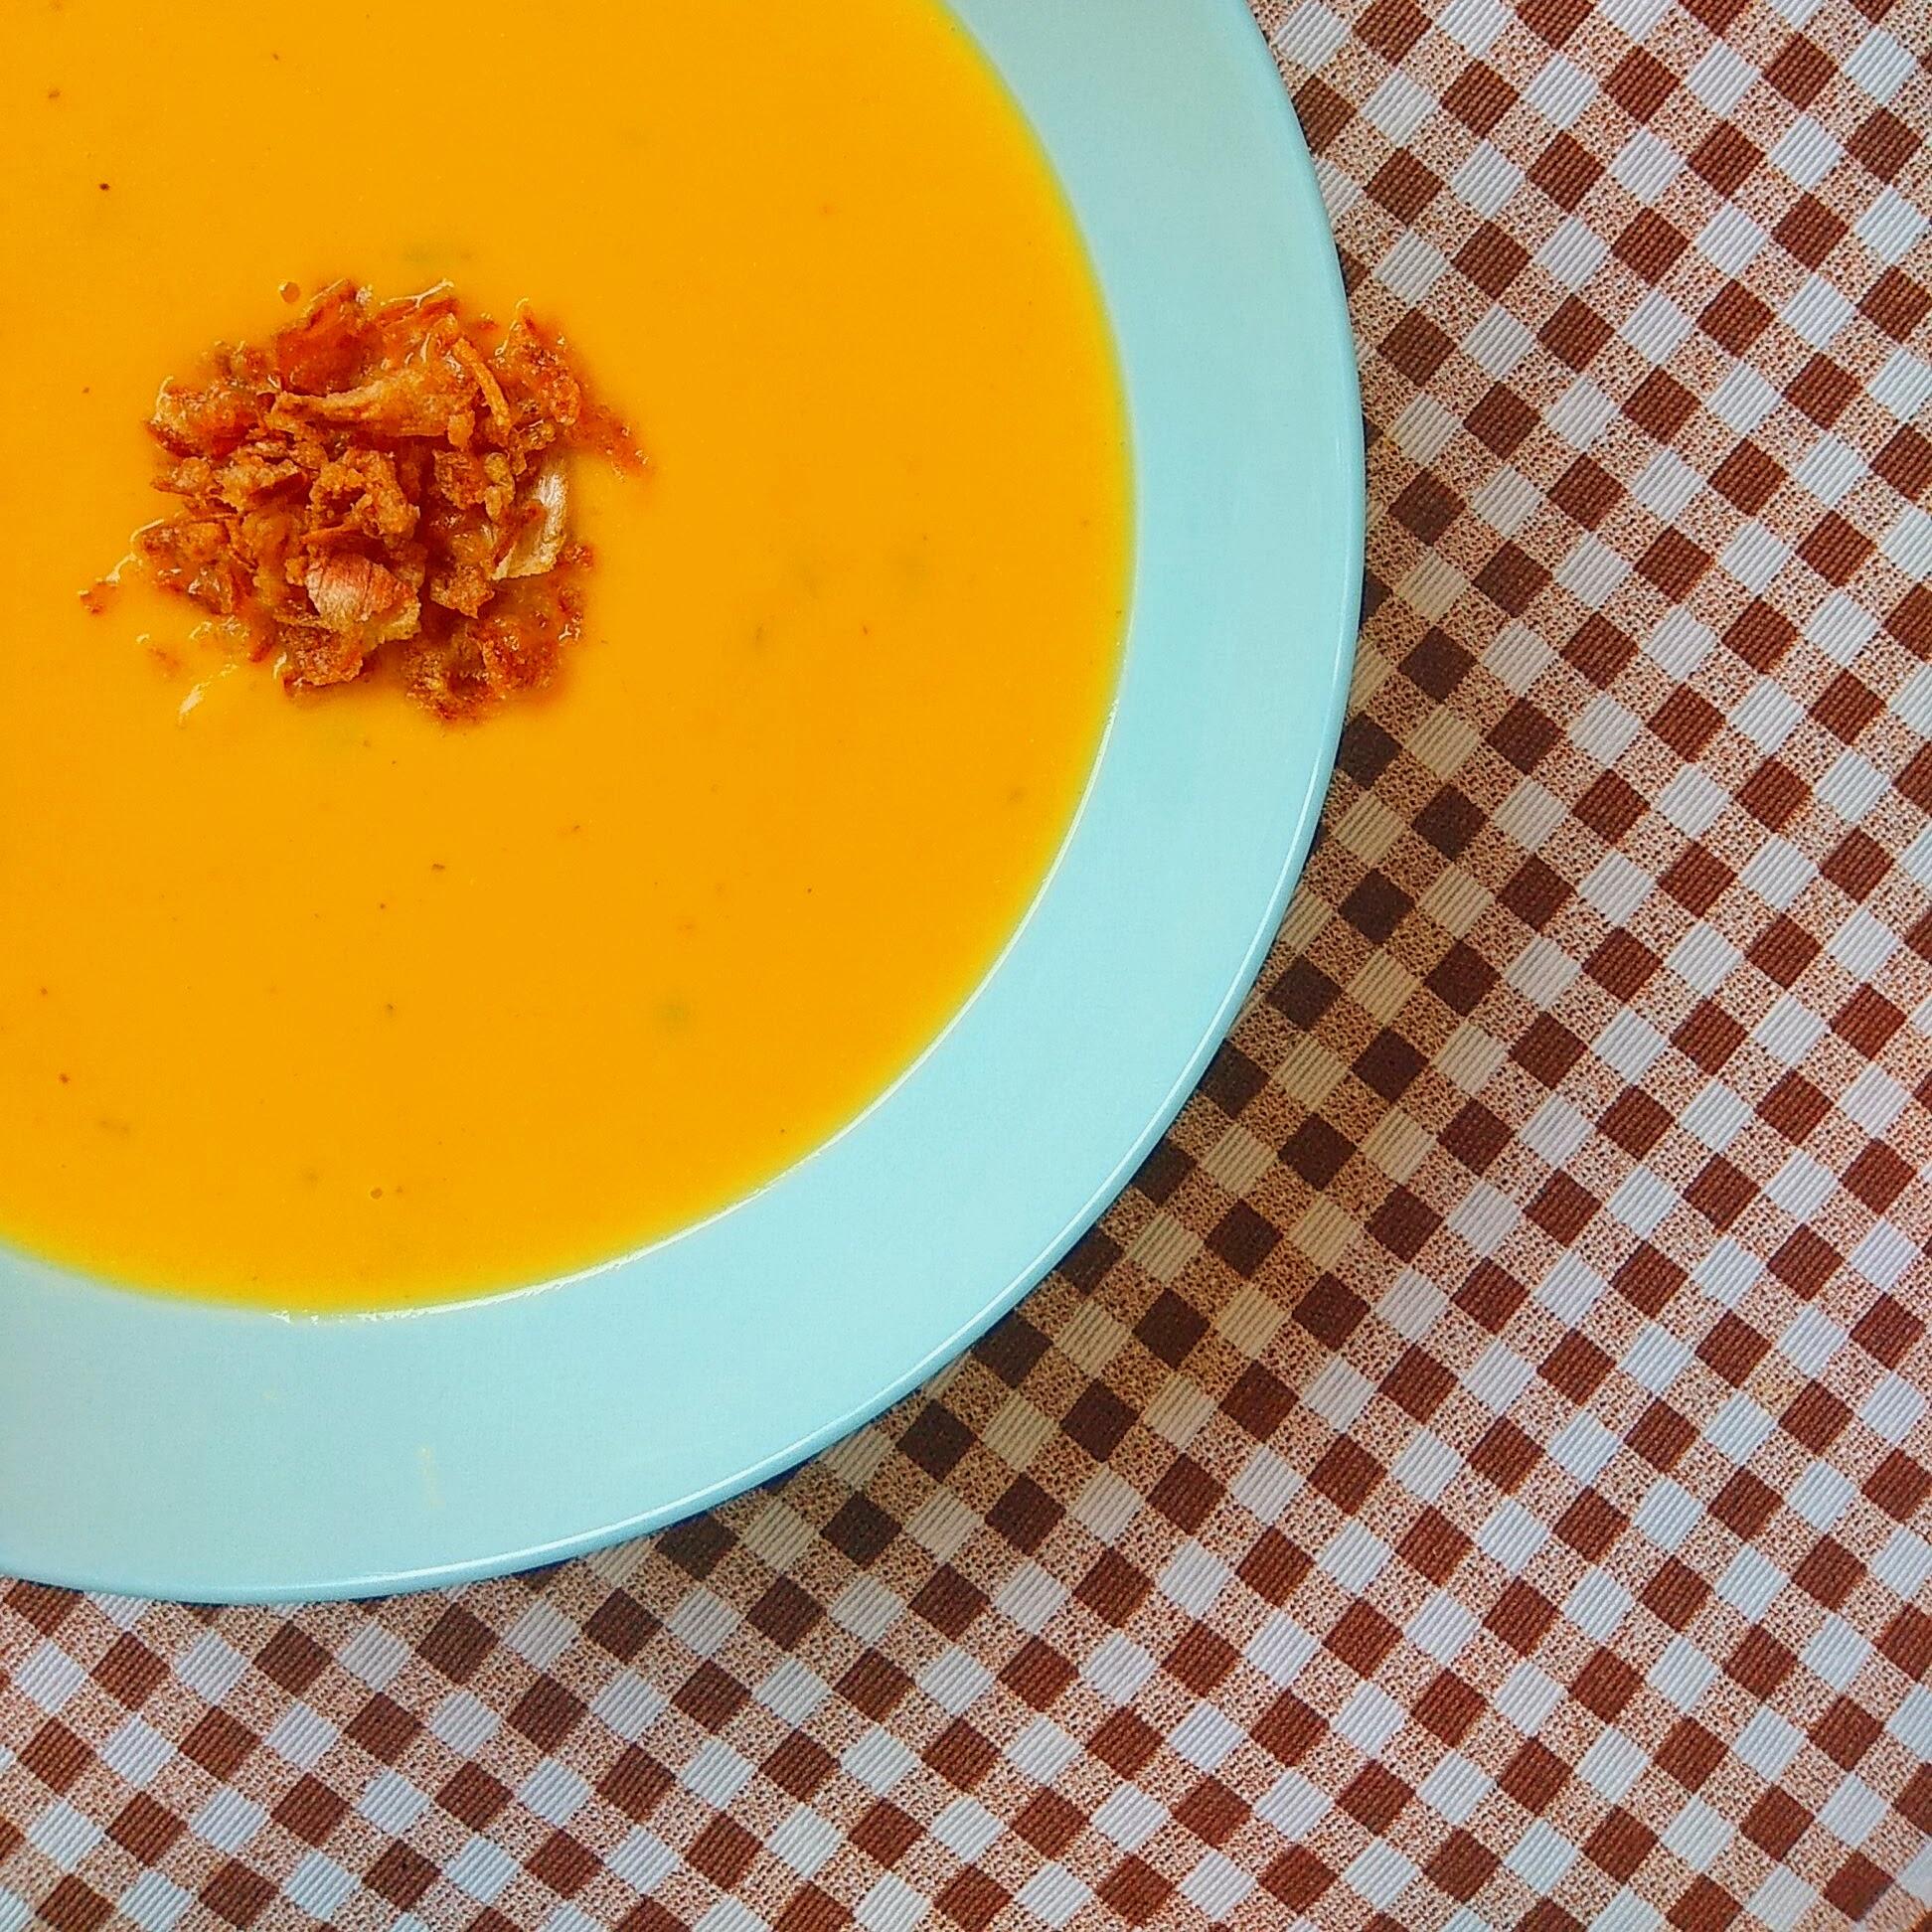 Receta fácil de crema de coliflor. Descúbrela en: www.cocinandoconlola.com